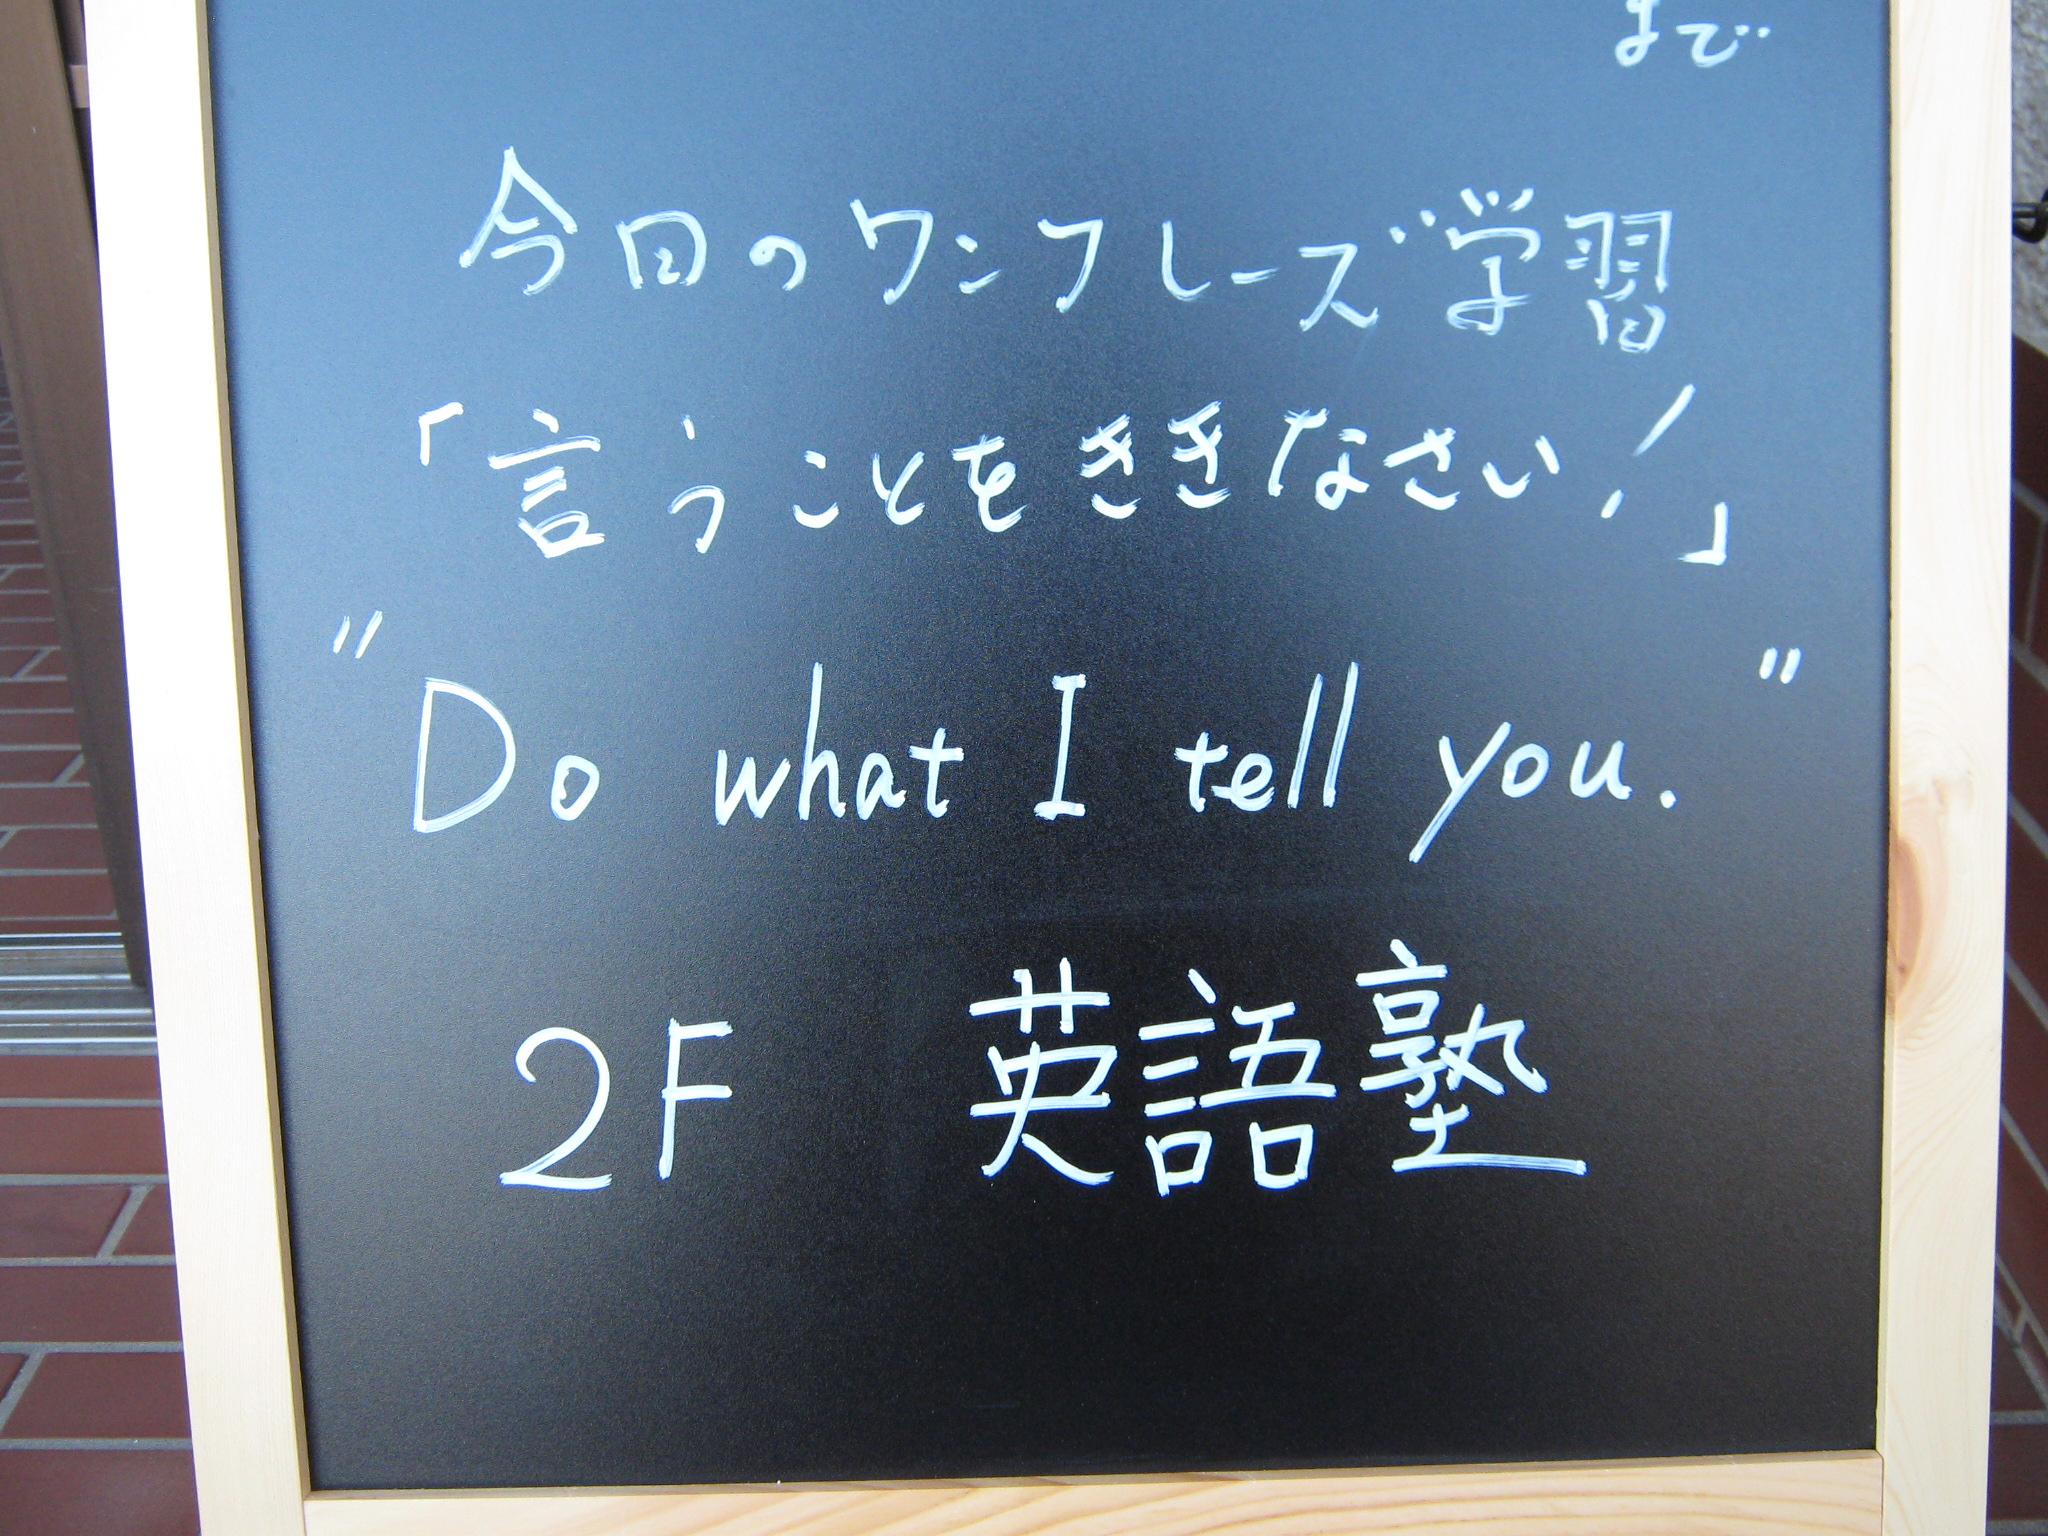 これから も よろしく 英語